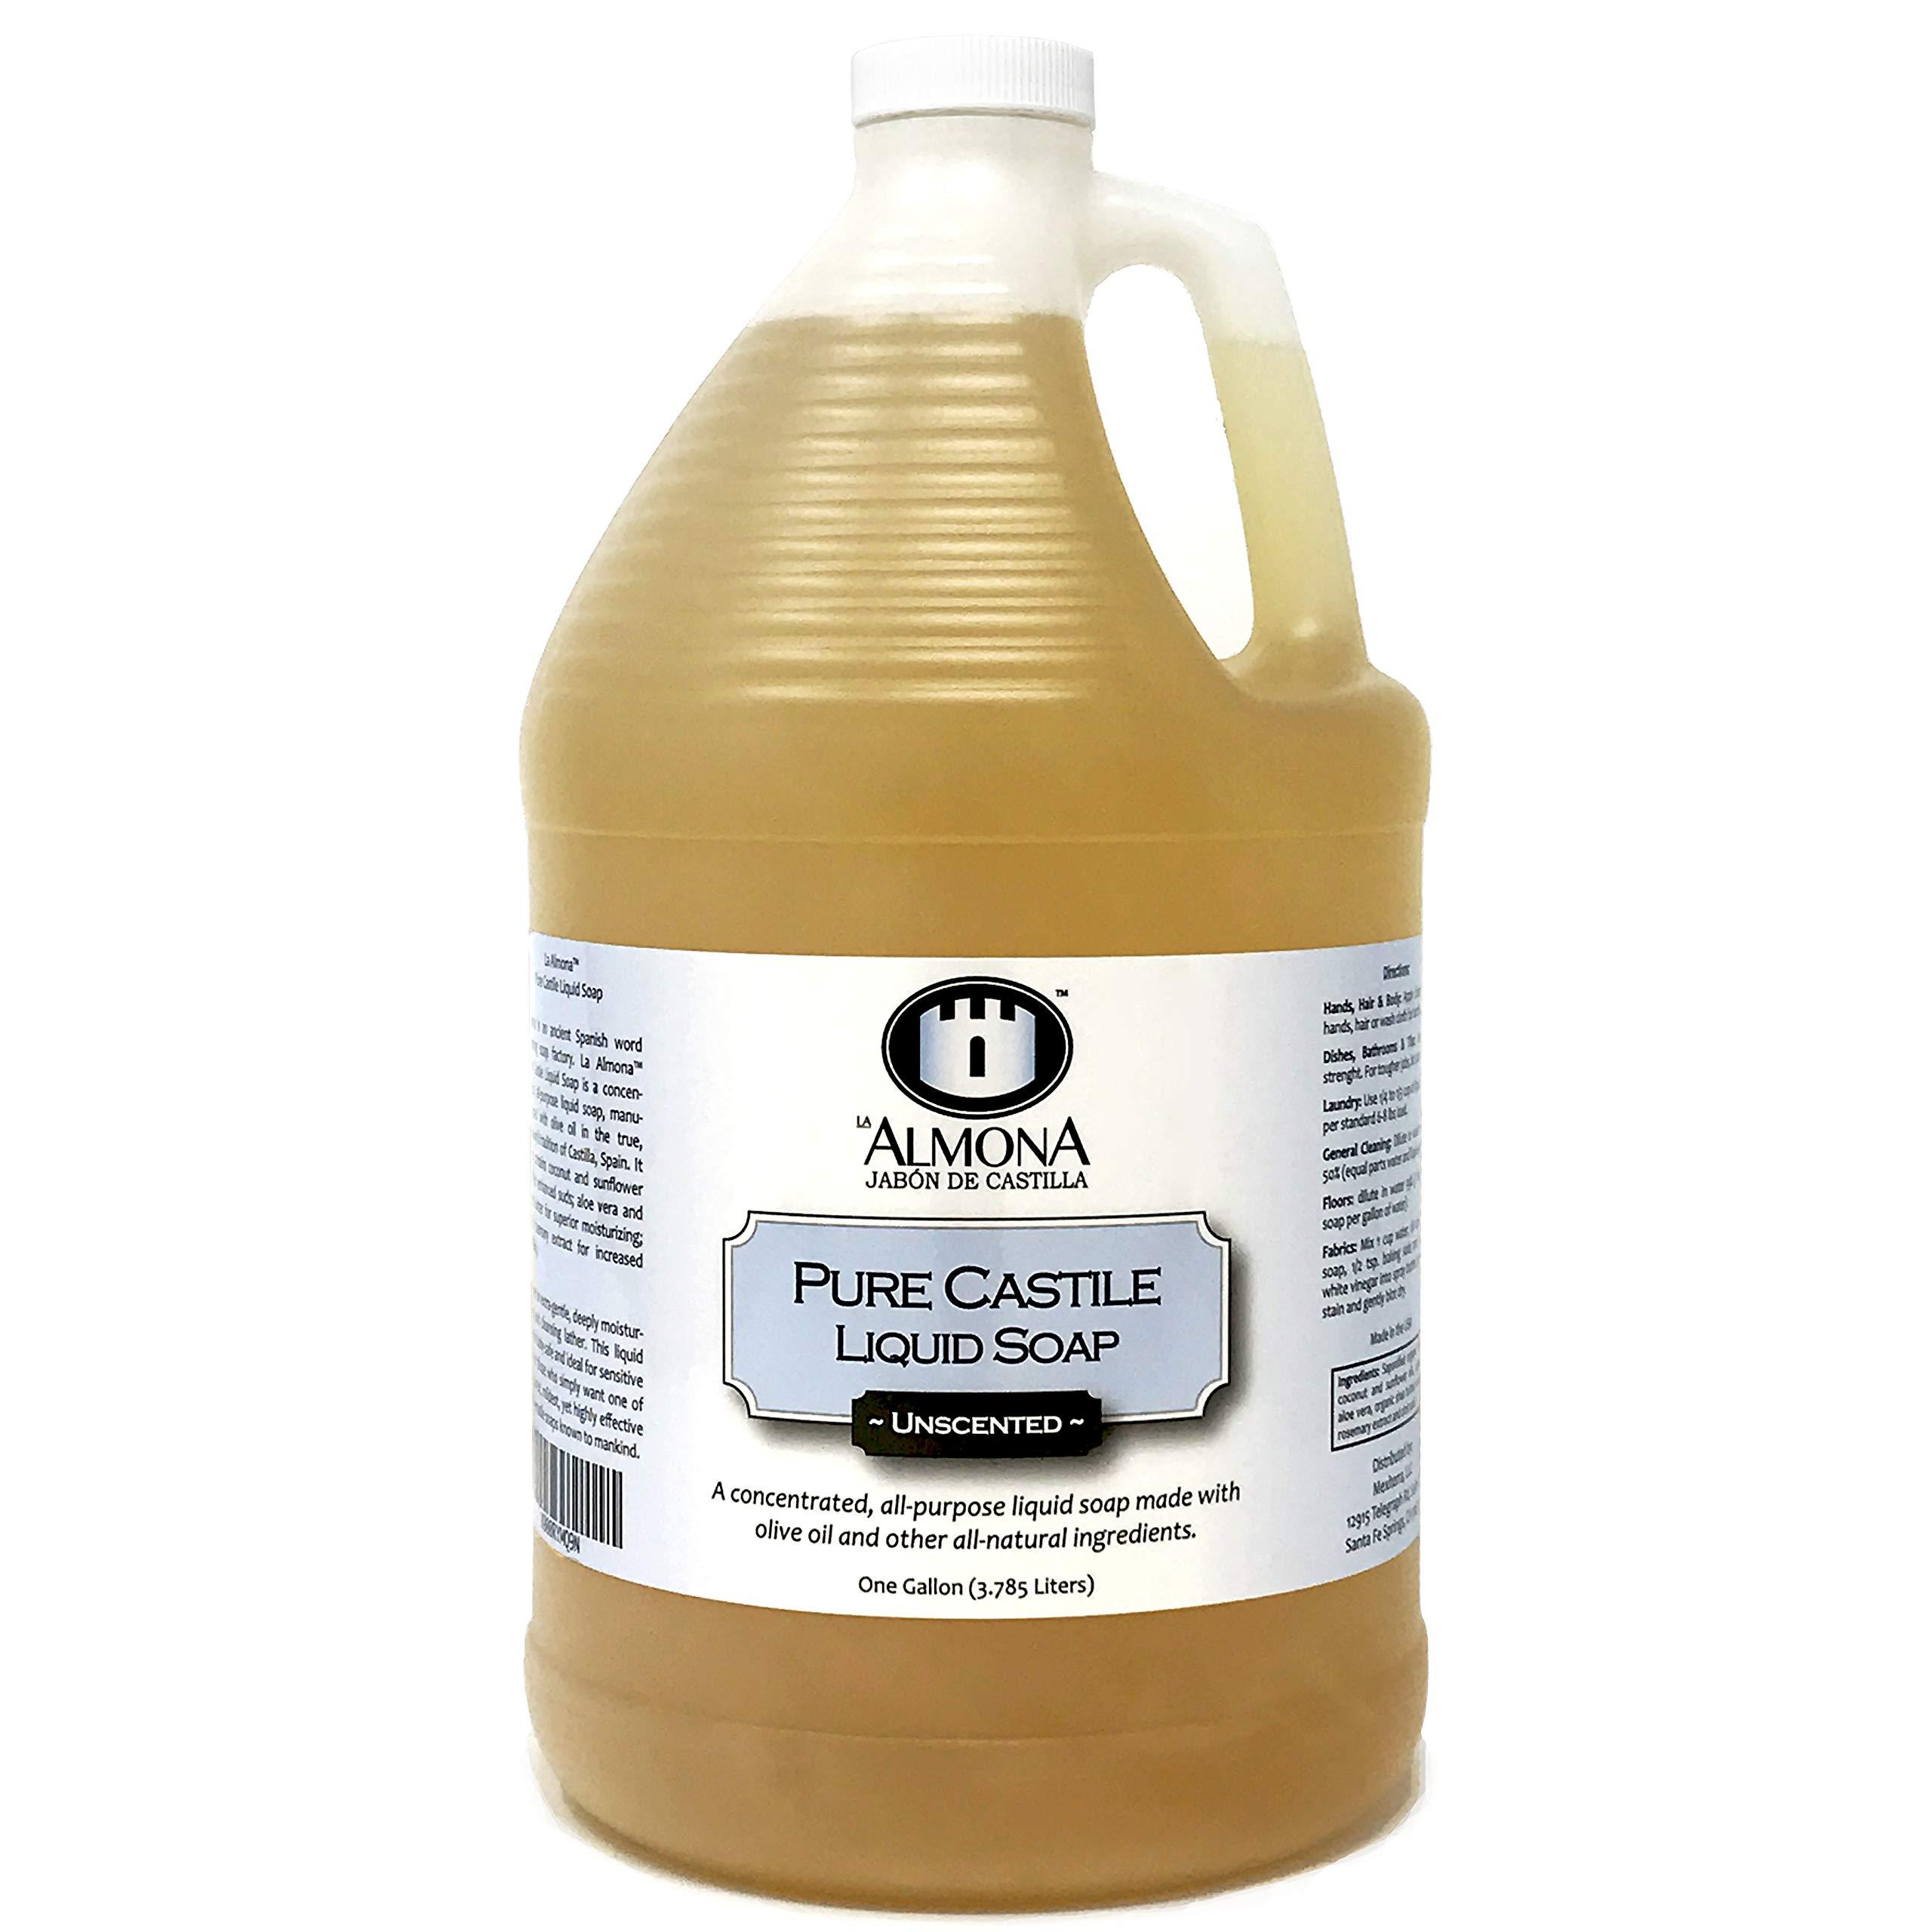 La Almona - Pure Castile Liquid Soap (Unscented), 1 Gallon by La Almona